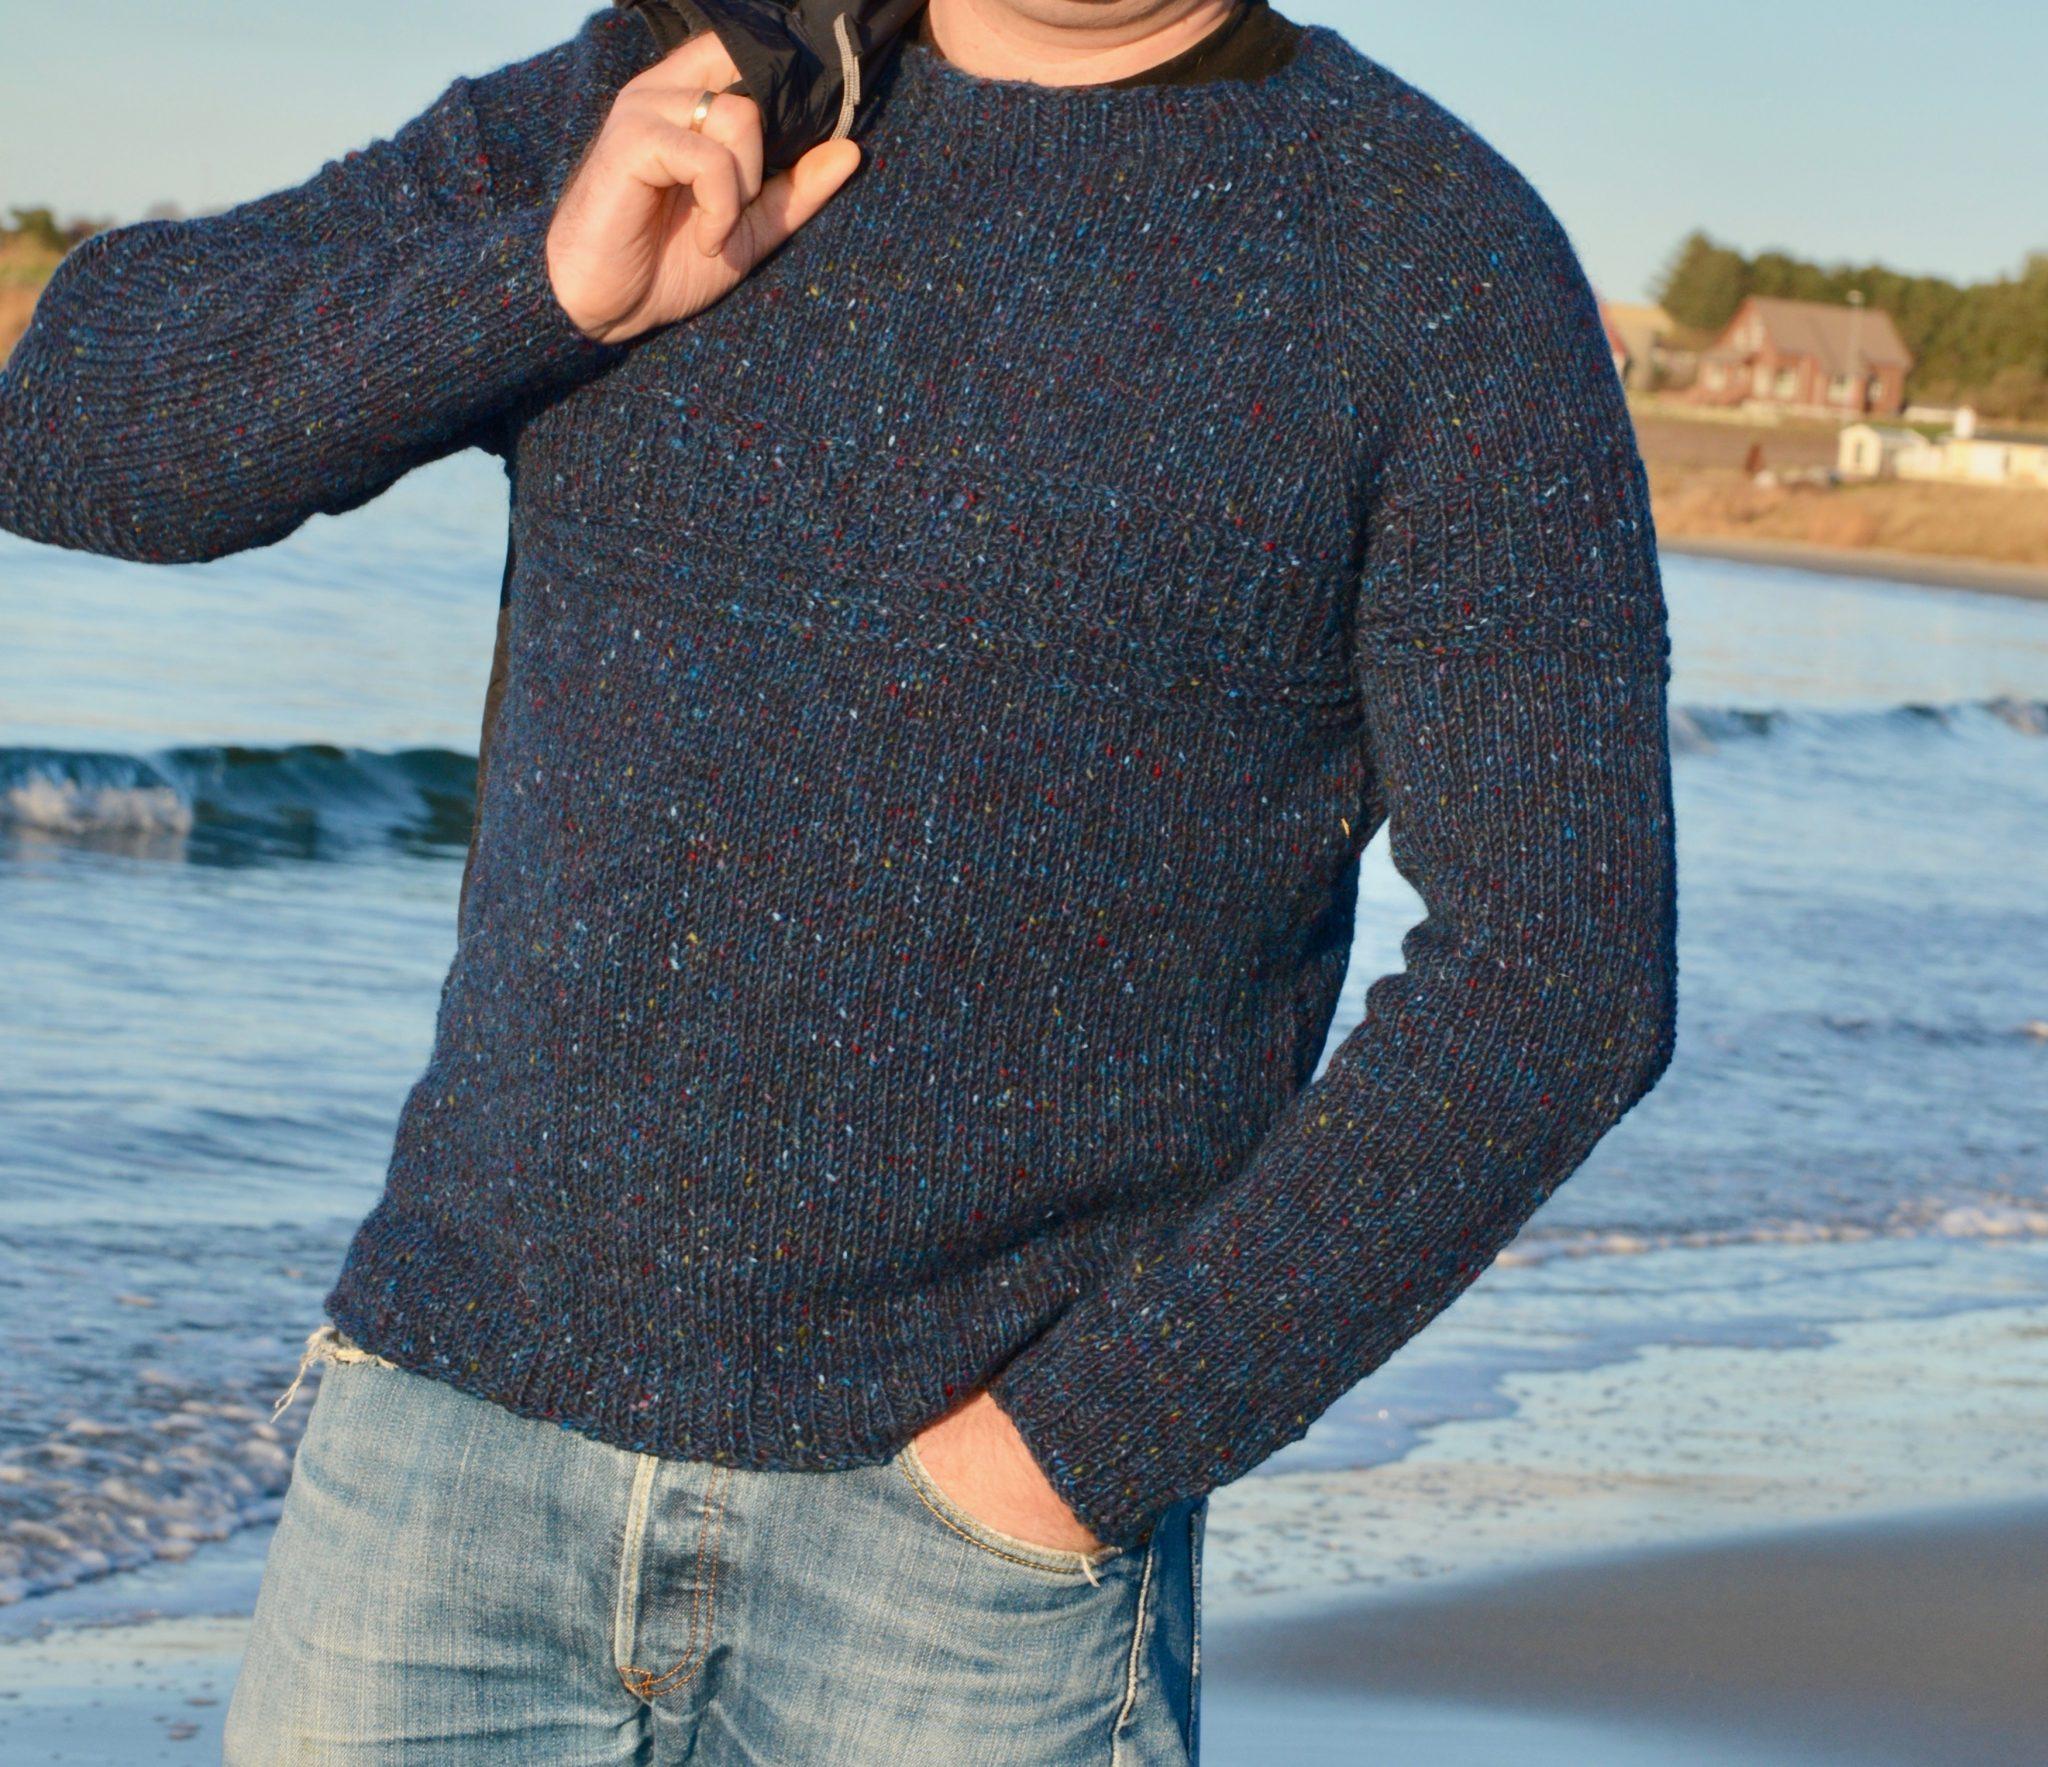 904dd095 Journey. Casual Man sweater /genser Herre (oppskrift er på engelsk ...